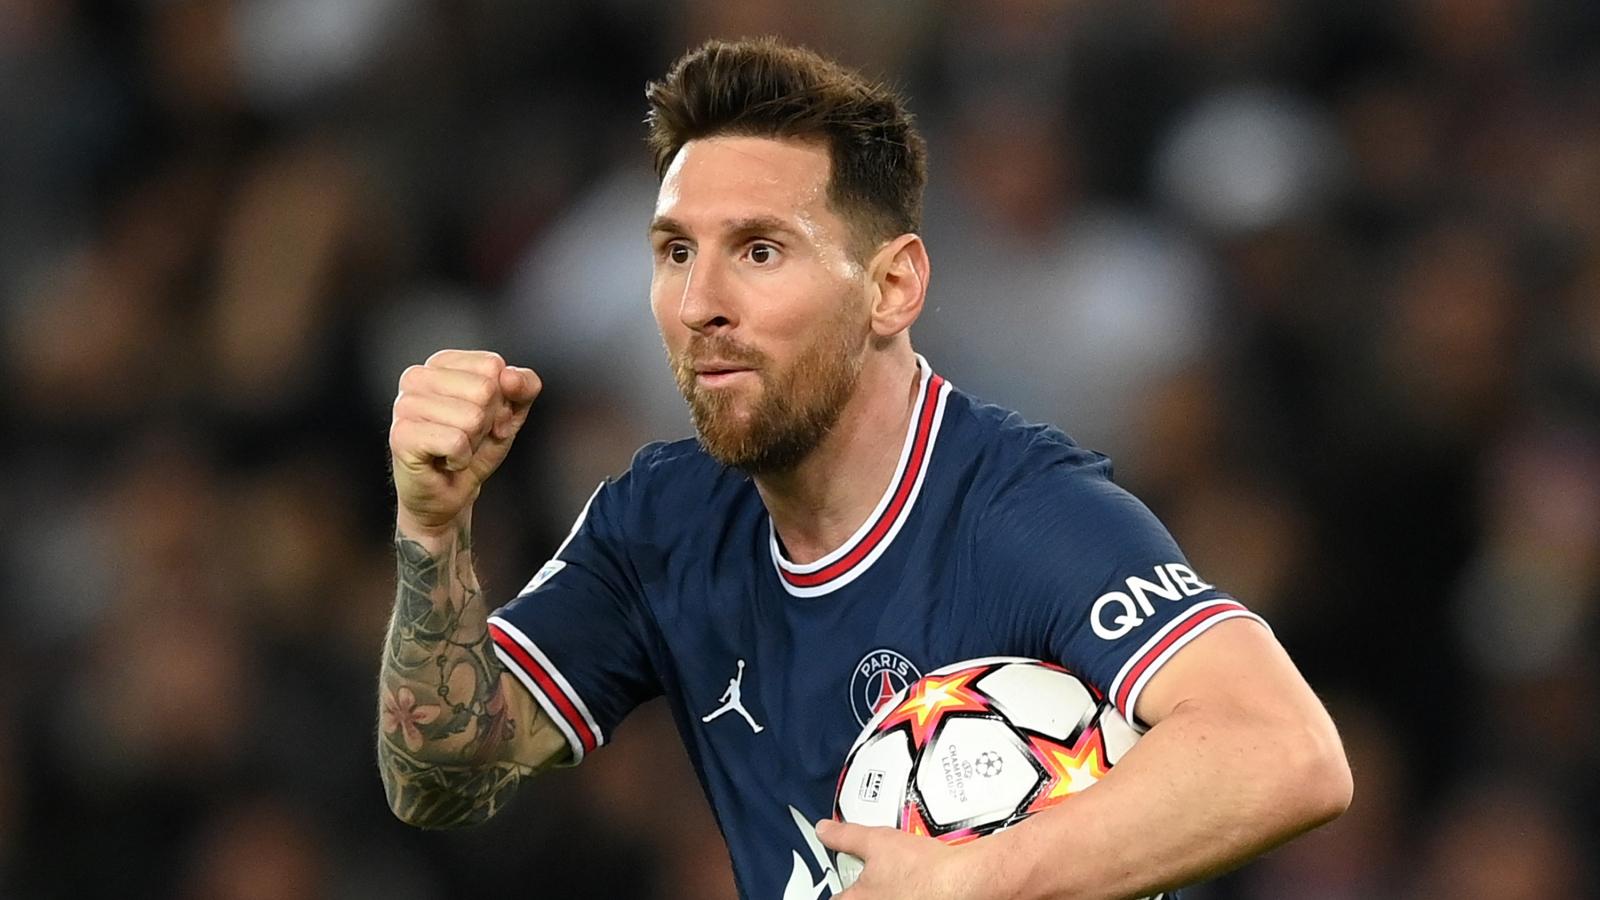 Bảng xếp hạng Cúp C1 châu Âu mới nhất: Messi đưa PSG lên đầu